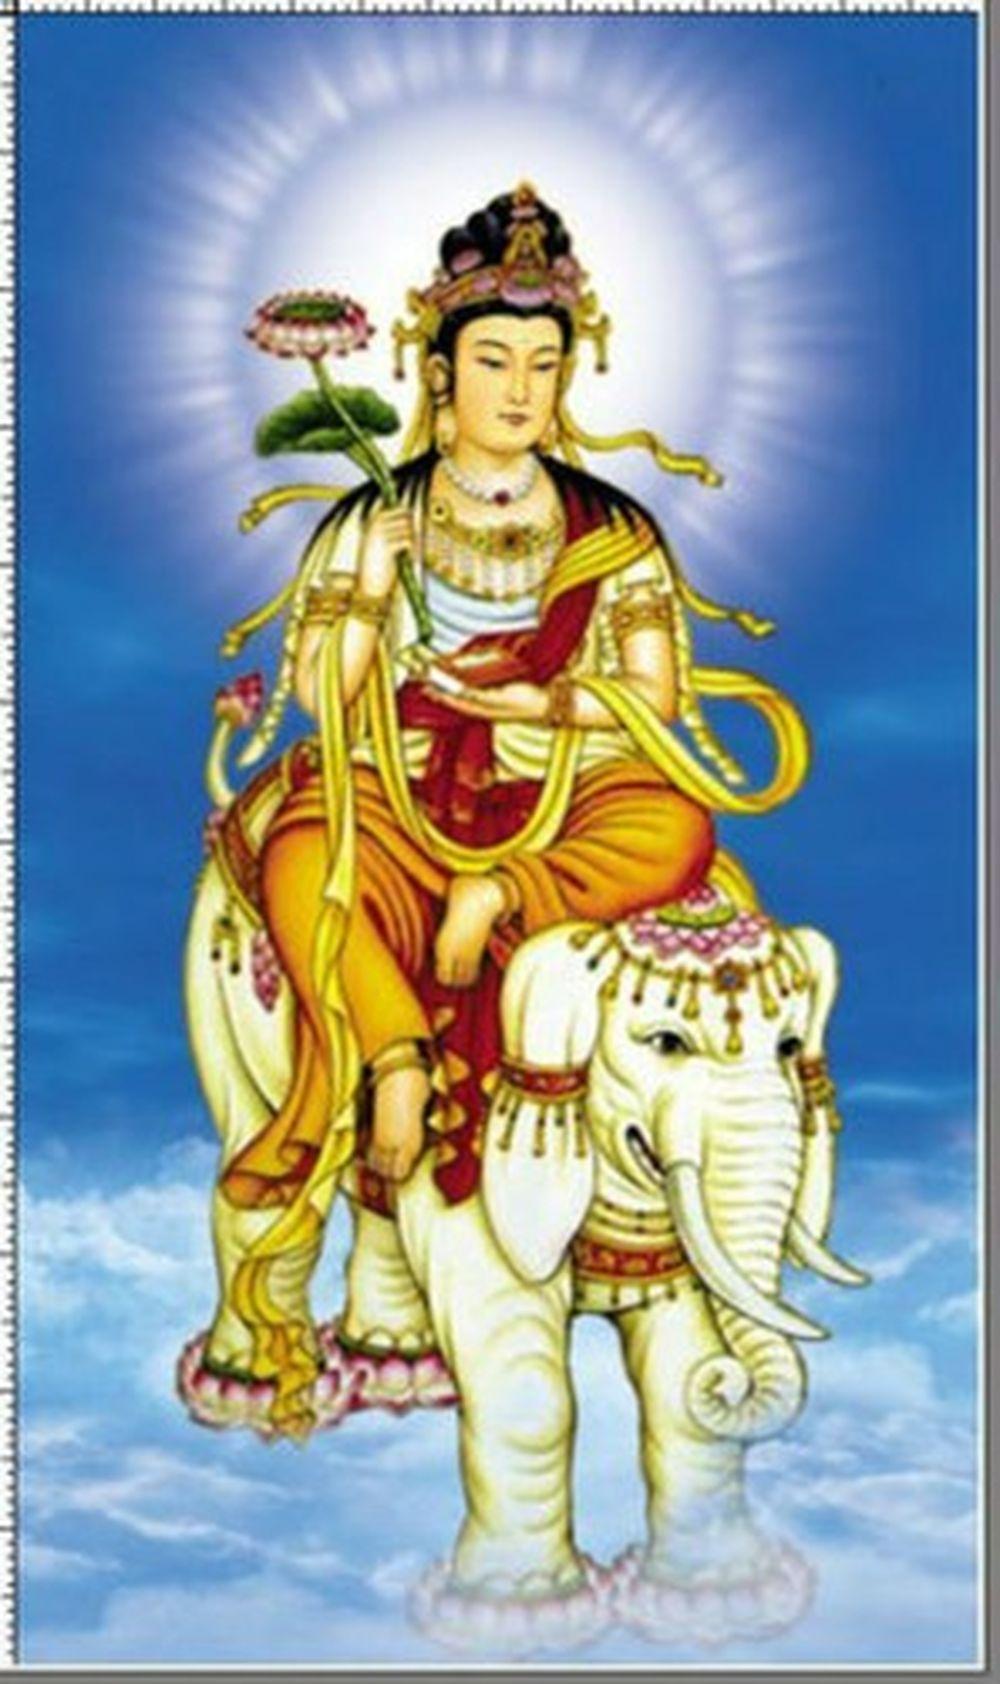 Phổ Hiền Bồ Tát danh hiệu là Samantabhadra chính là vị Phật bản mệnh cho tuổi Thìn và tuổi Tỵ. Ngài có năng lực siêu phàm, thân phân tại thập phương.